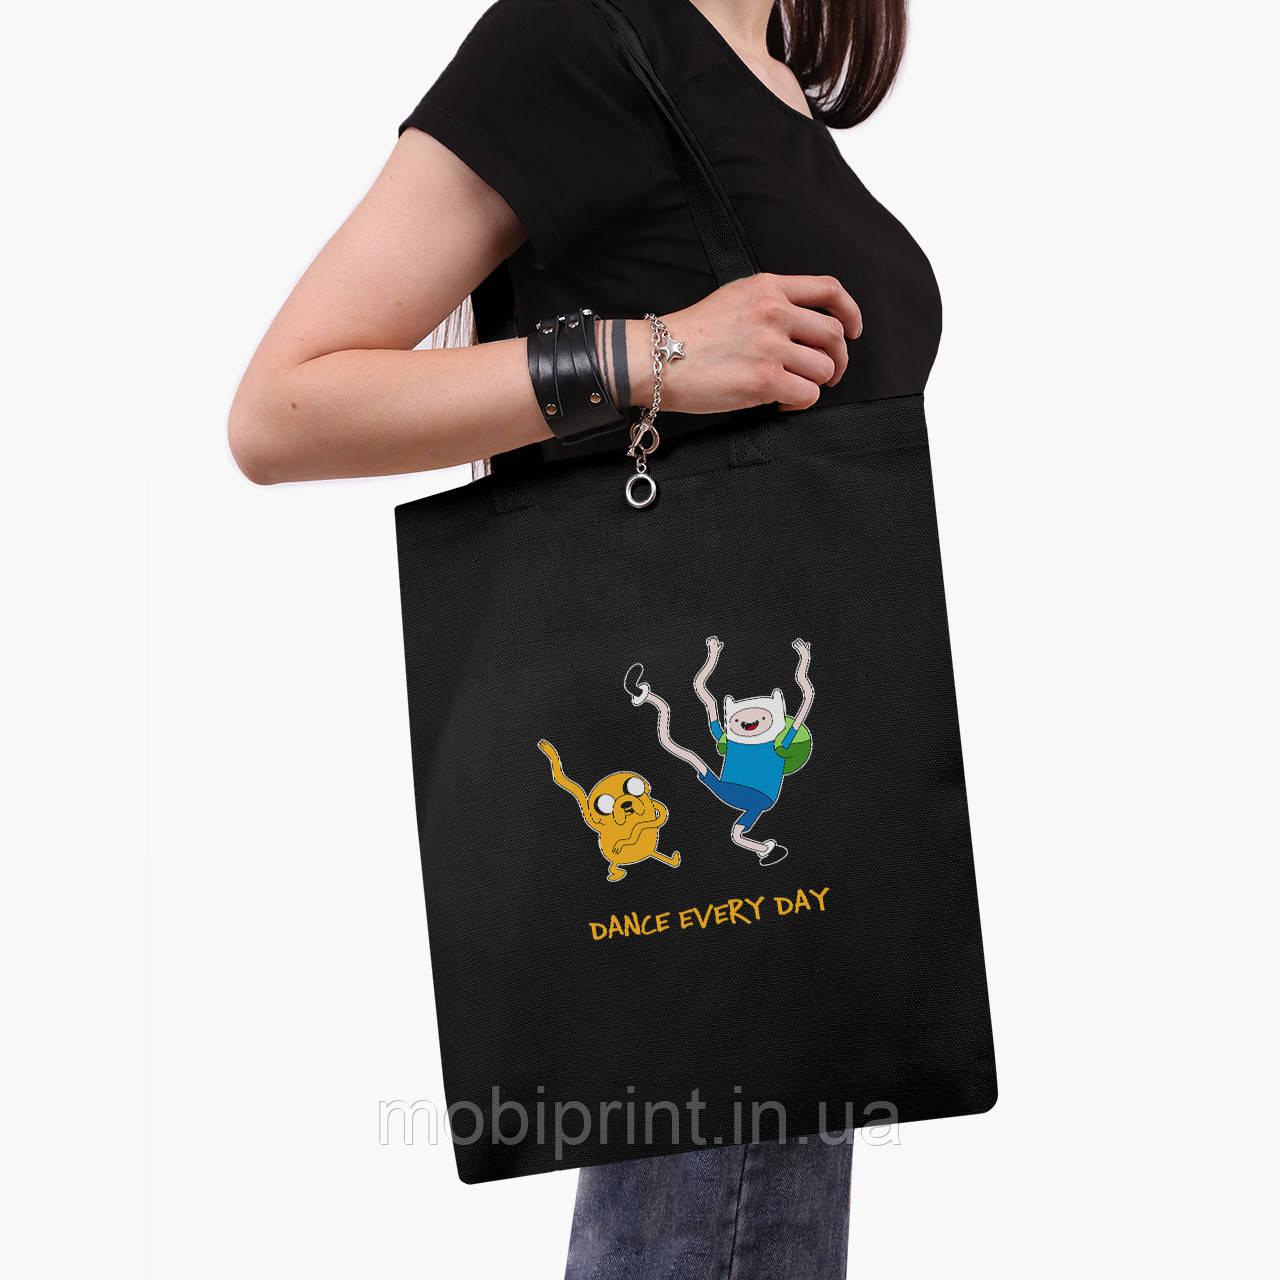 Эко сумка шоппер черная Финн и Джейк пес (Adventure Time) (9227-1580-2)  экосумка шопер 41*35 см